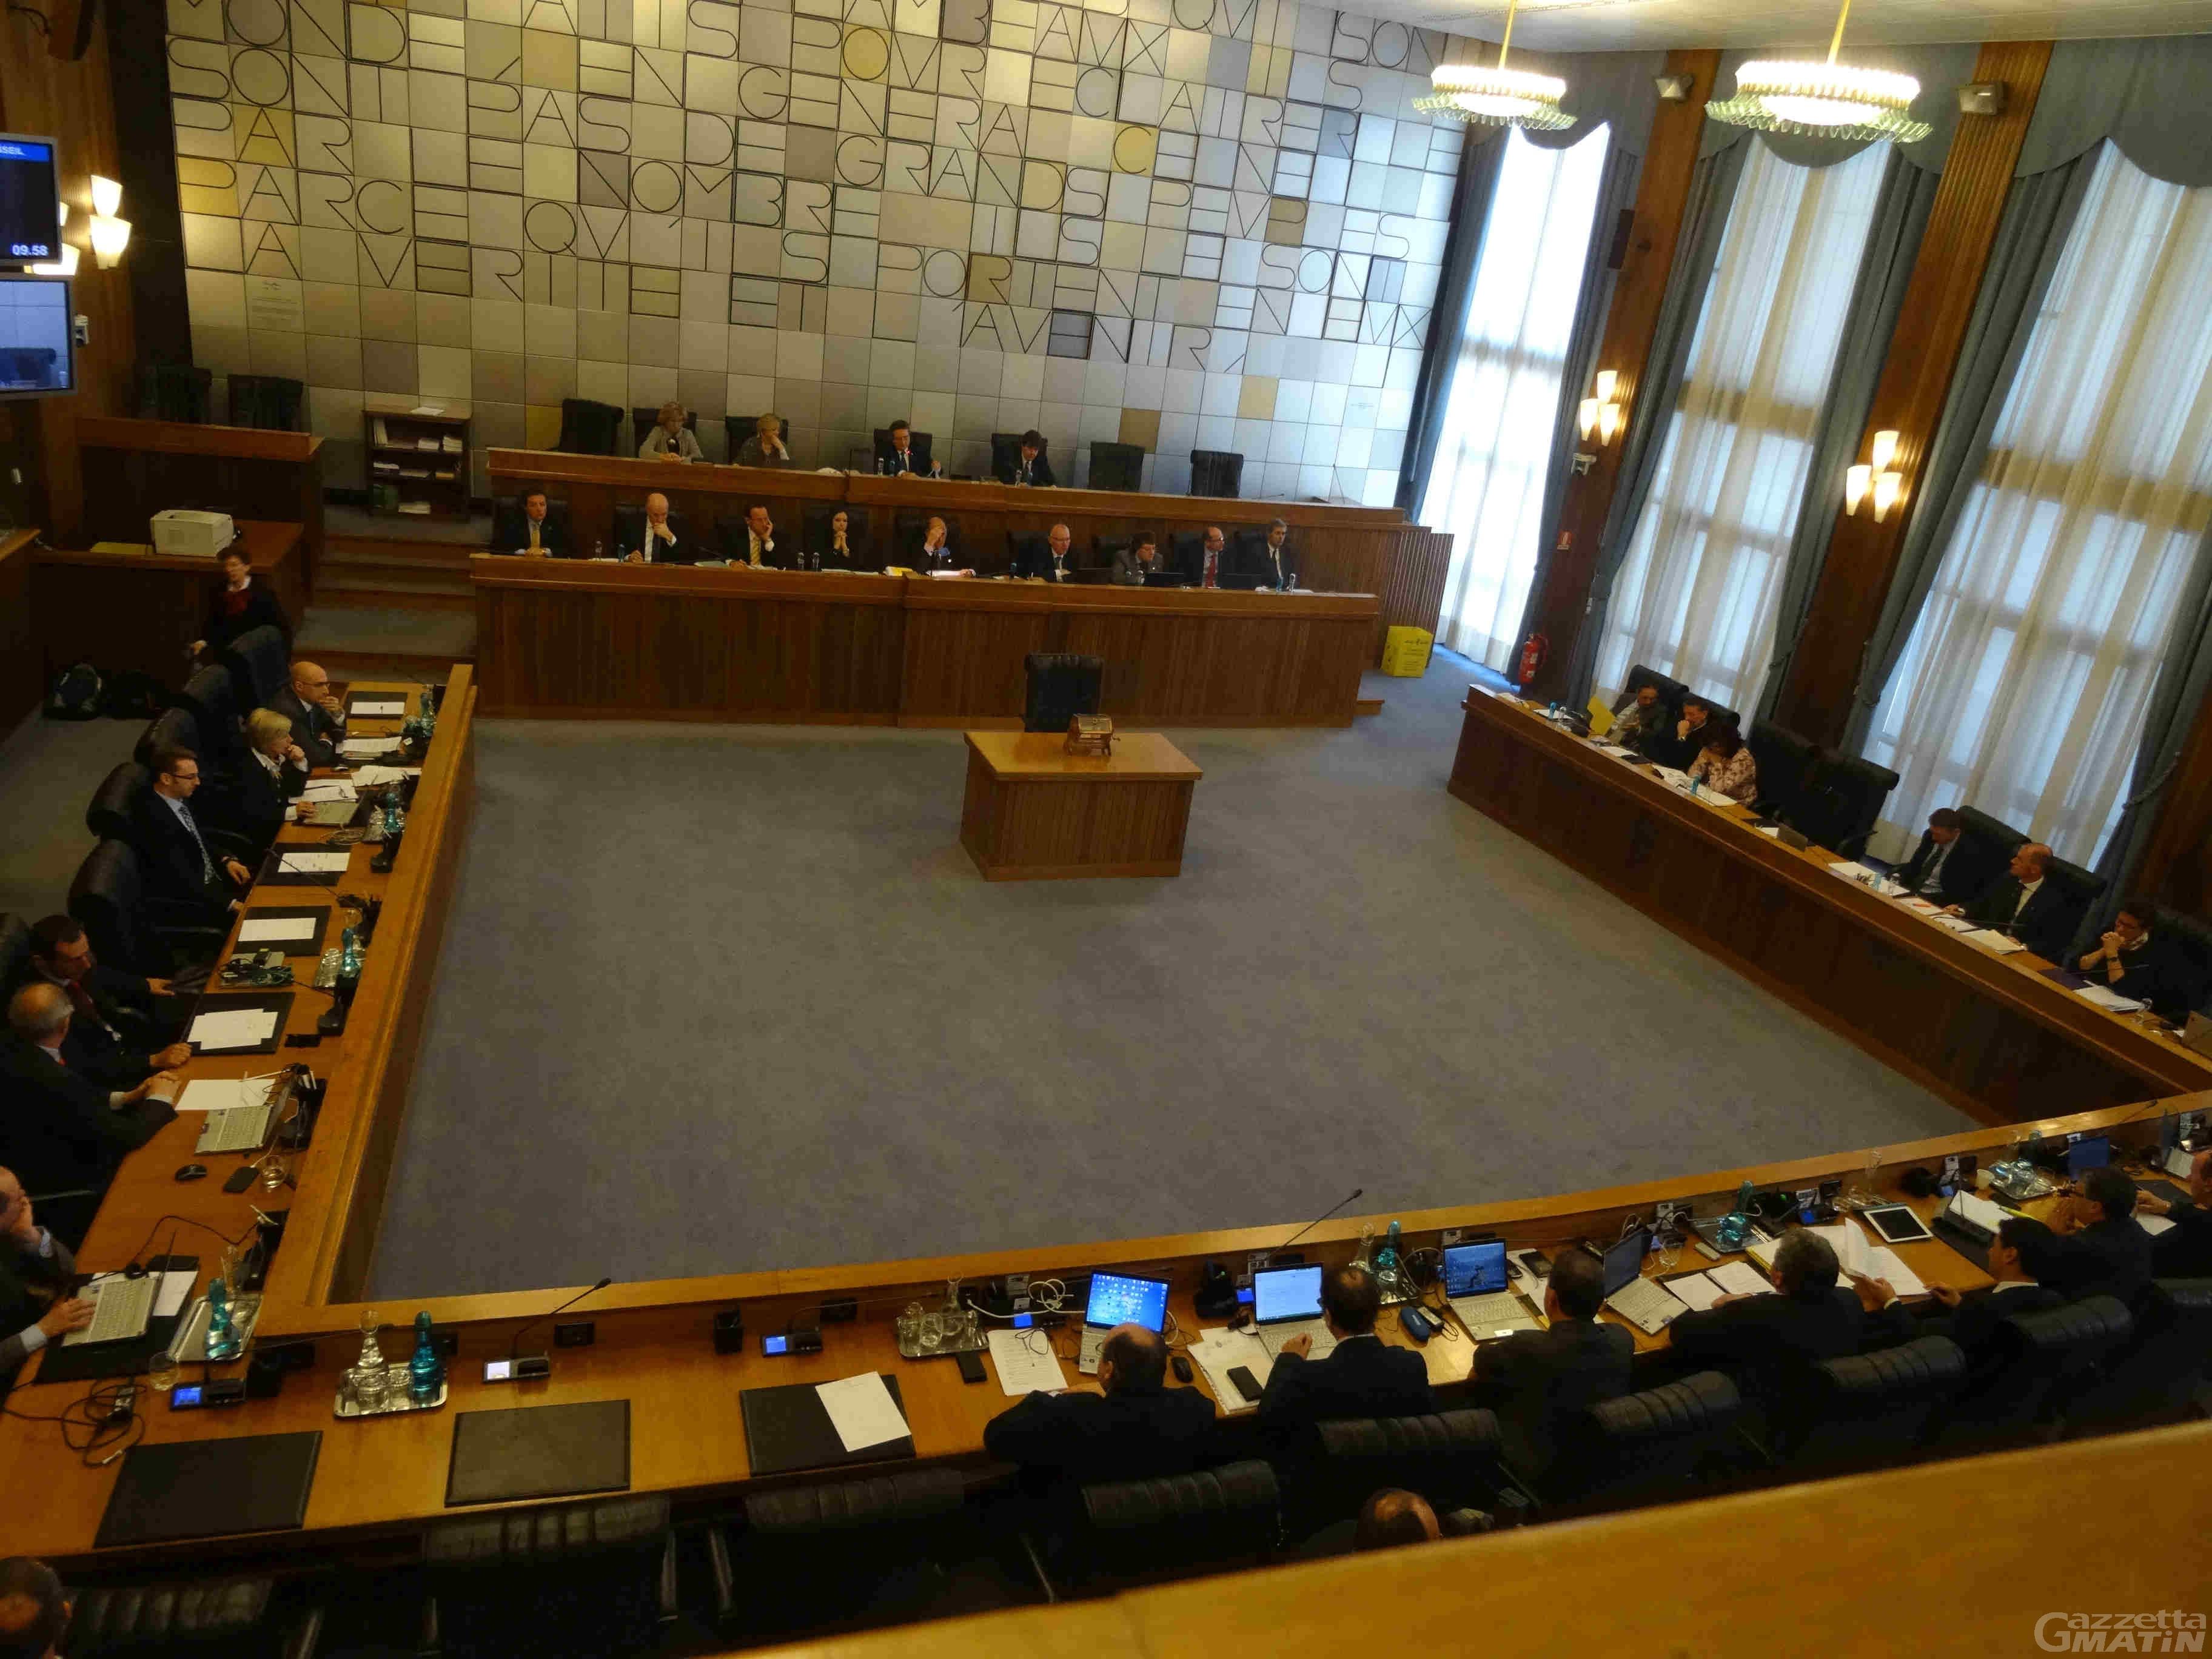 Consiglio Valle: 8 consiglieri in quarantena, avvio lavori in modalità mista